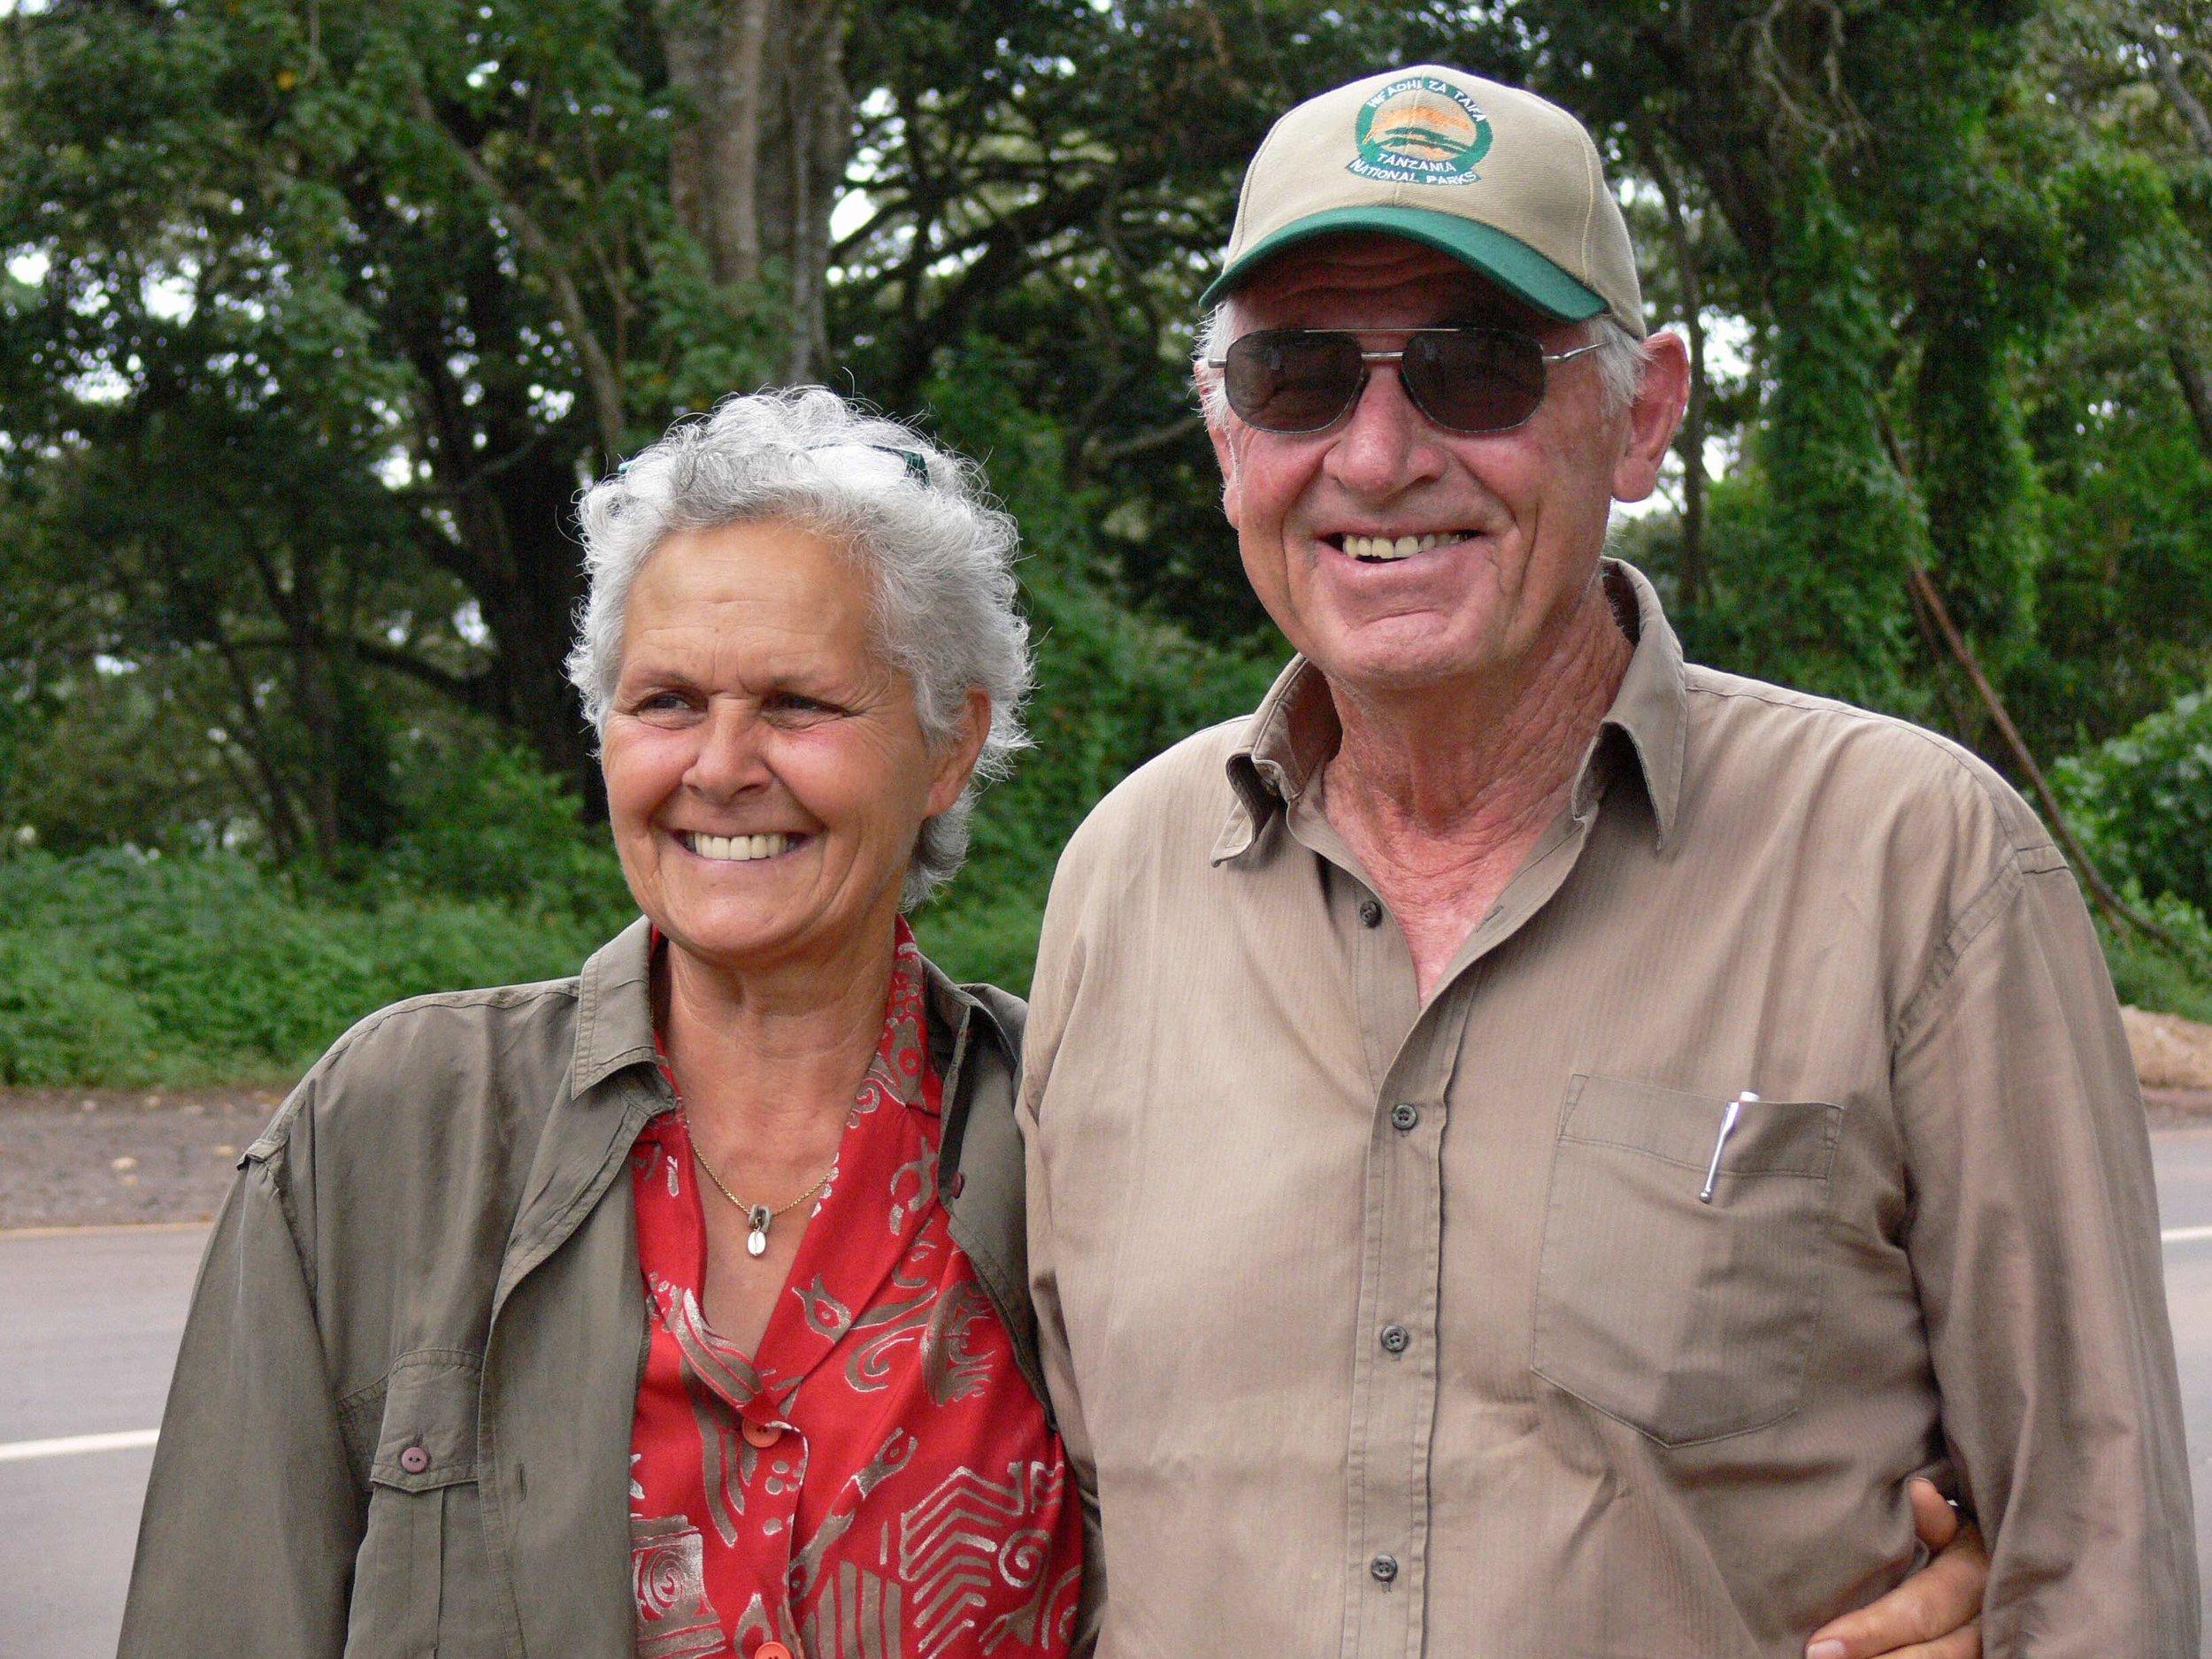 Lilian und David Rechsteiner: Über ein halbes Jahrhundert im Einsatz für die Wildtiere |  © Foto by R.Suter